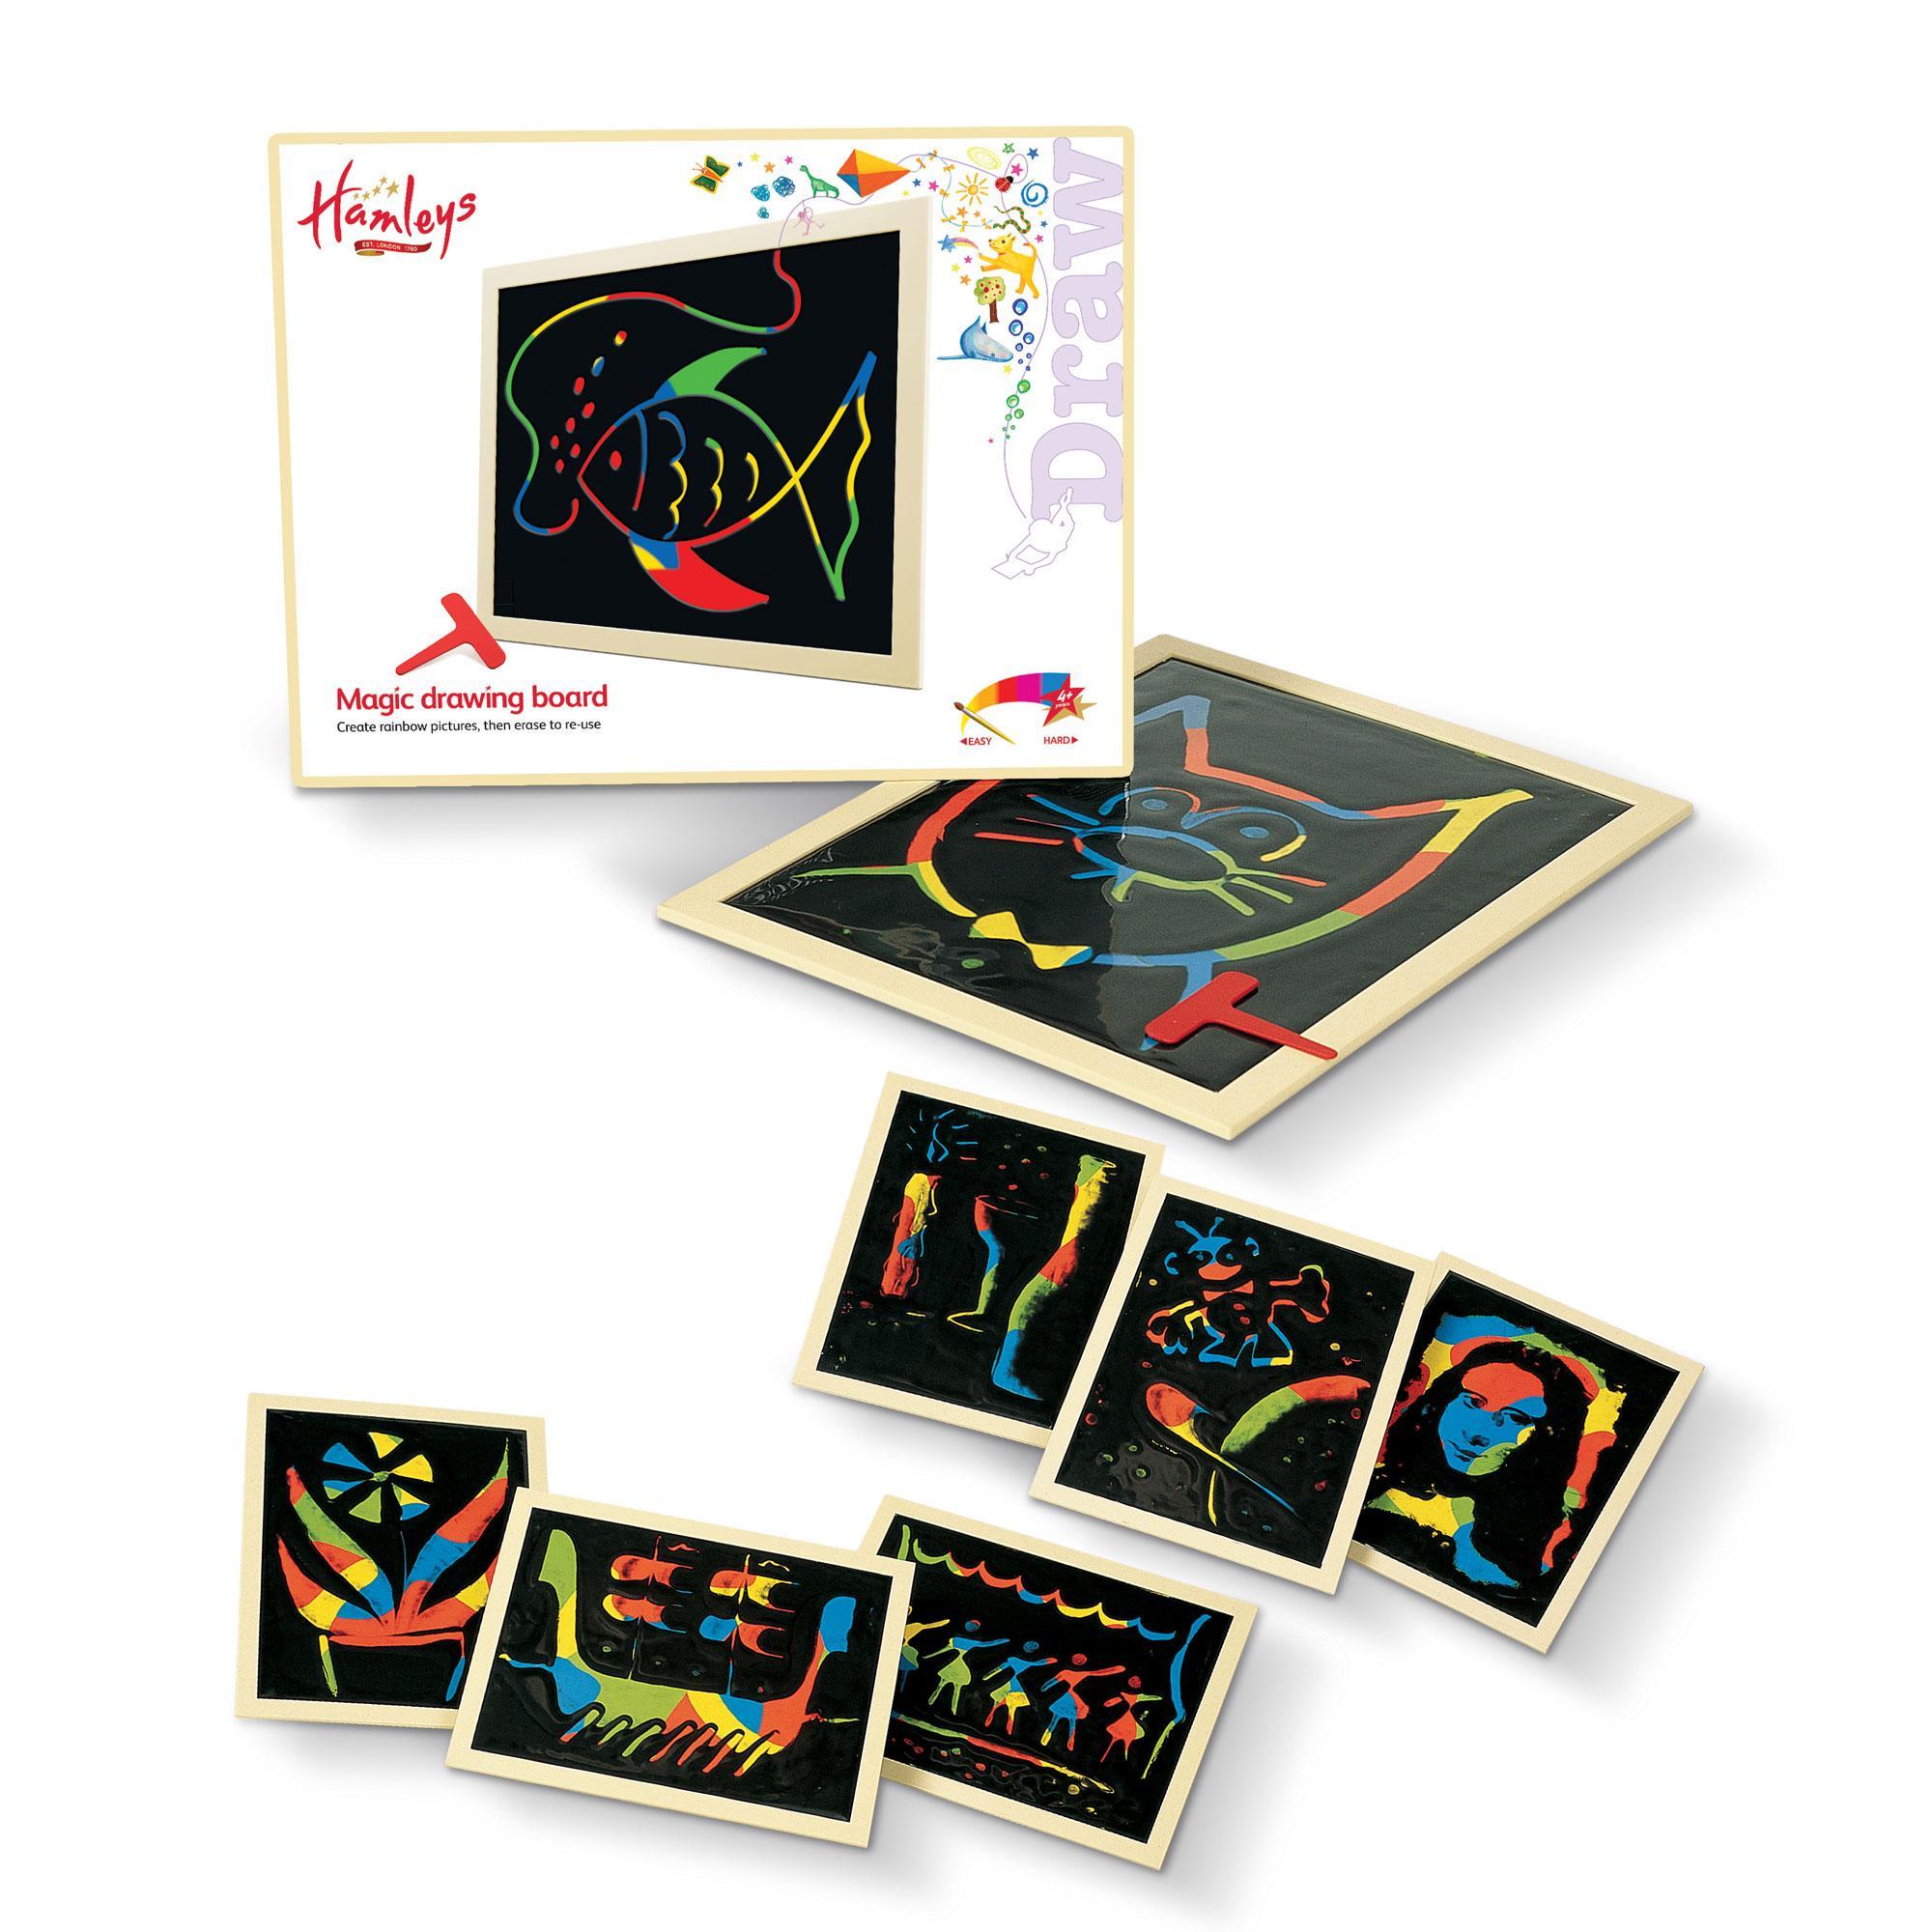 2000x2000 Hamleys Magic Drawing Board